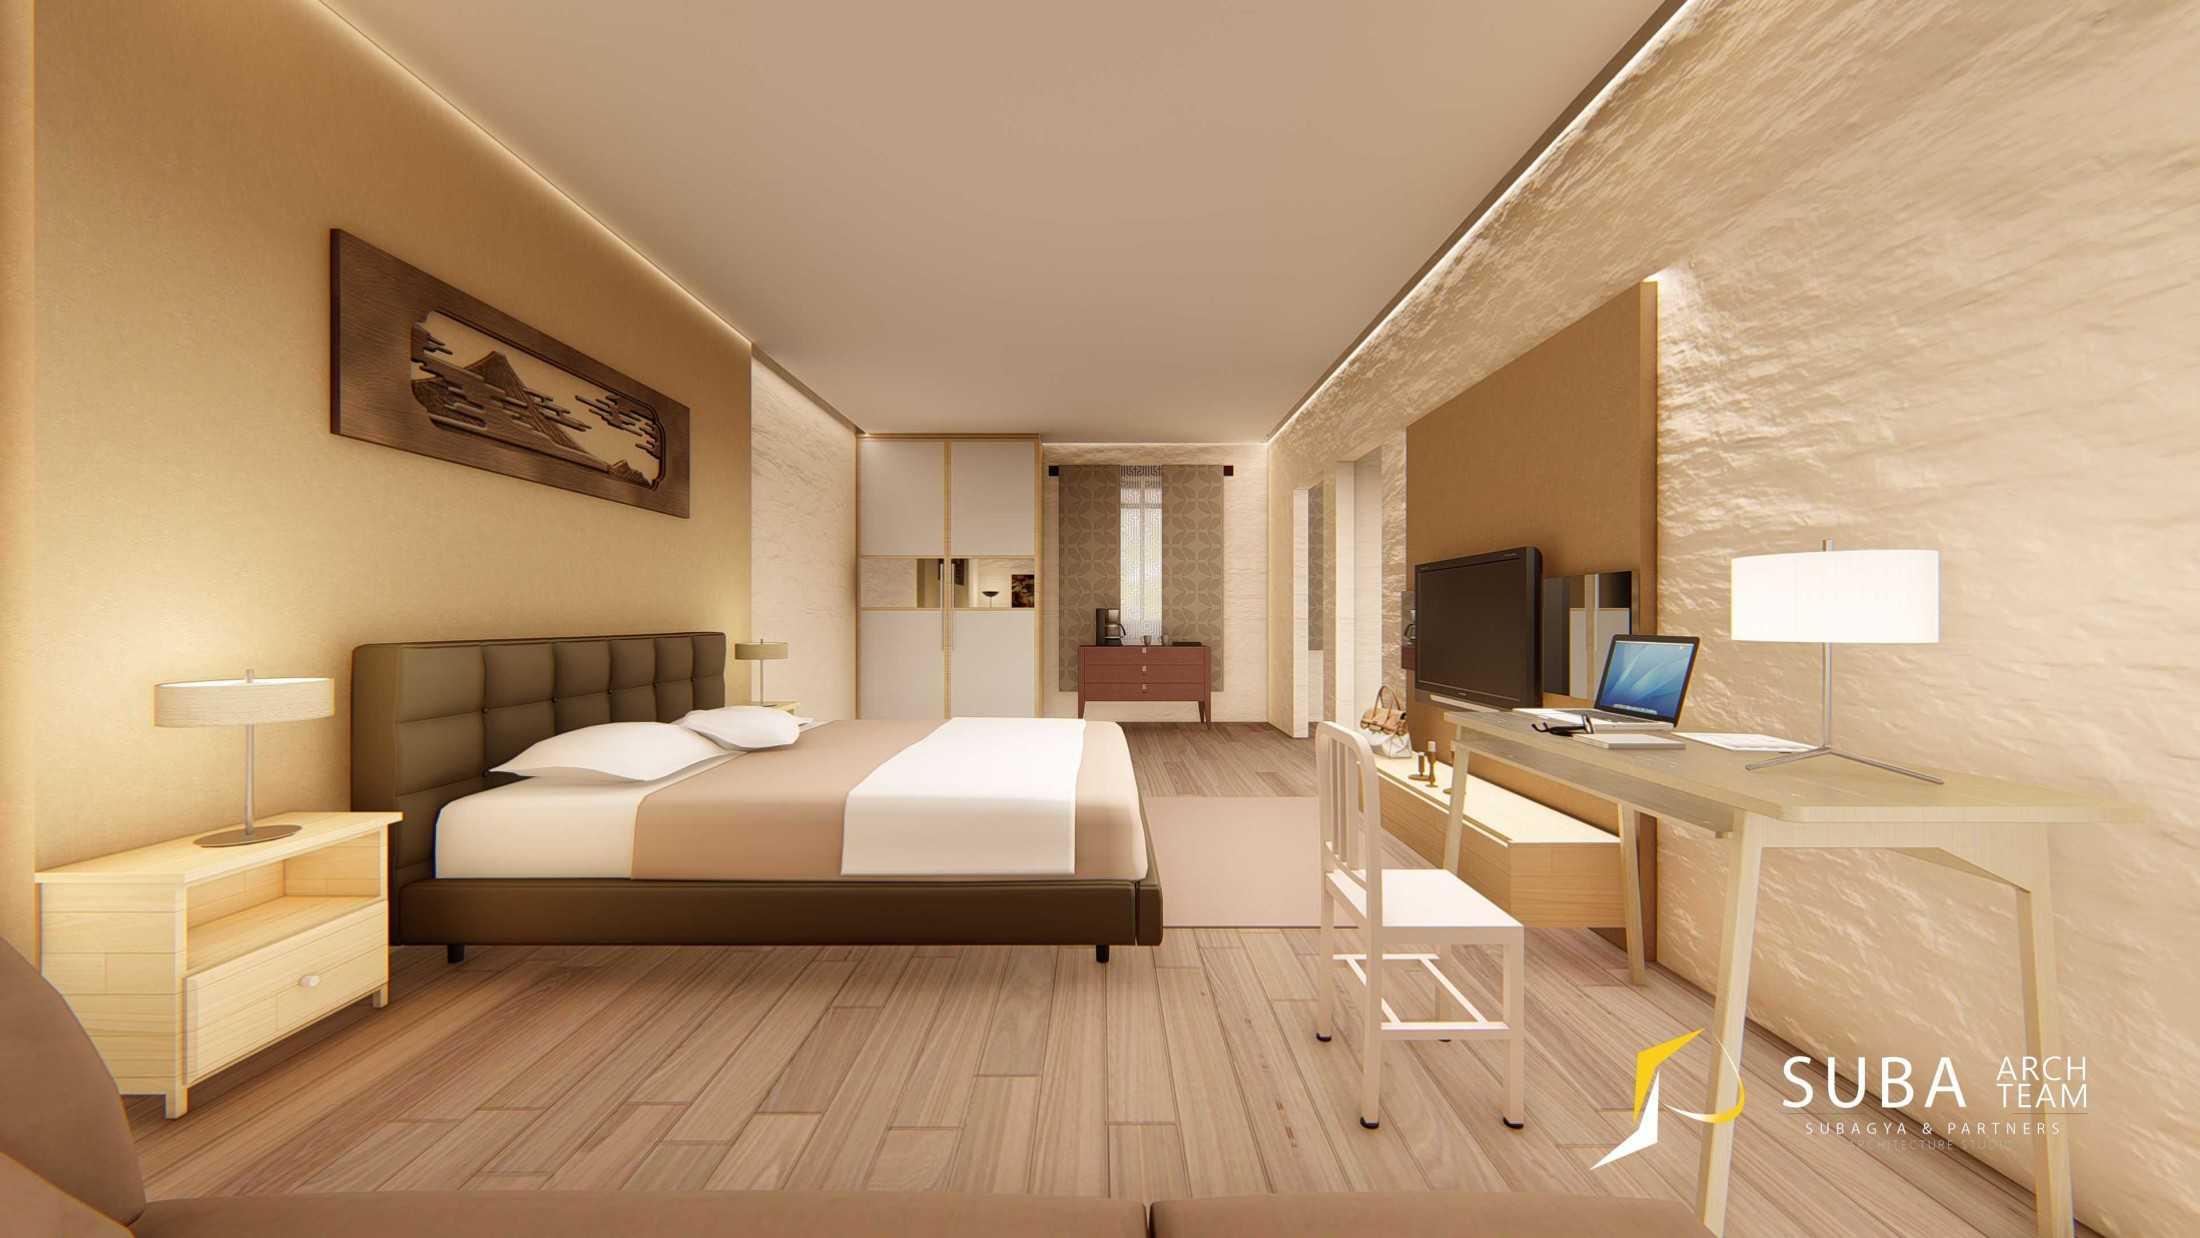 Suba-Arch Perencanaan Resort Cikembar Cikembar, Sukabumi, Jawa Barat, Indonesia Cikembar, Sukabumi, Jawa Barat, Indonesia Moch-Restu-Subagya-Sars-Perencanaan-Resort-Cikembar Minimalist 57665